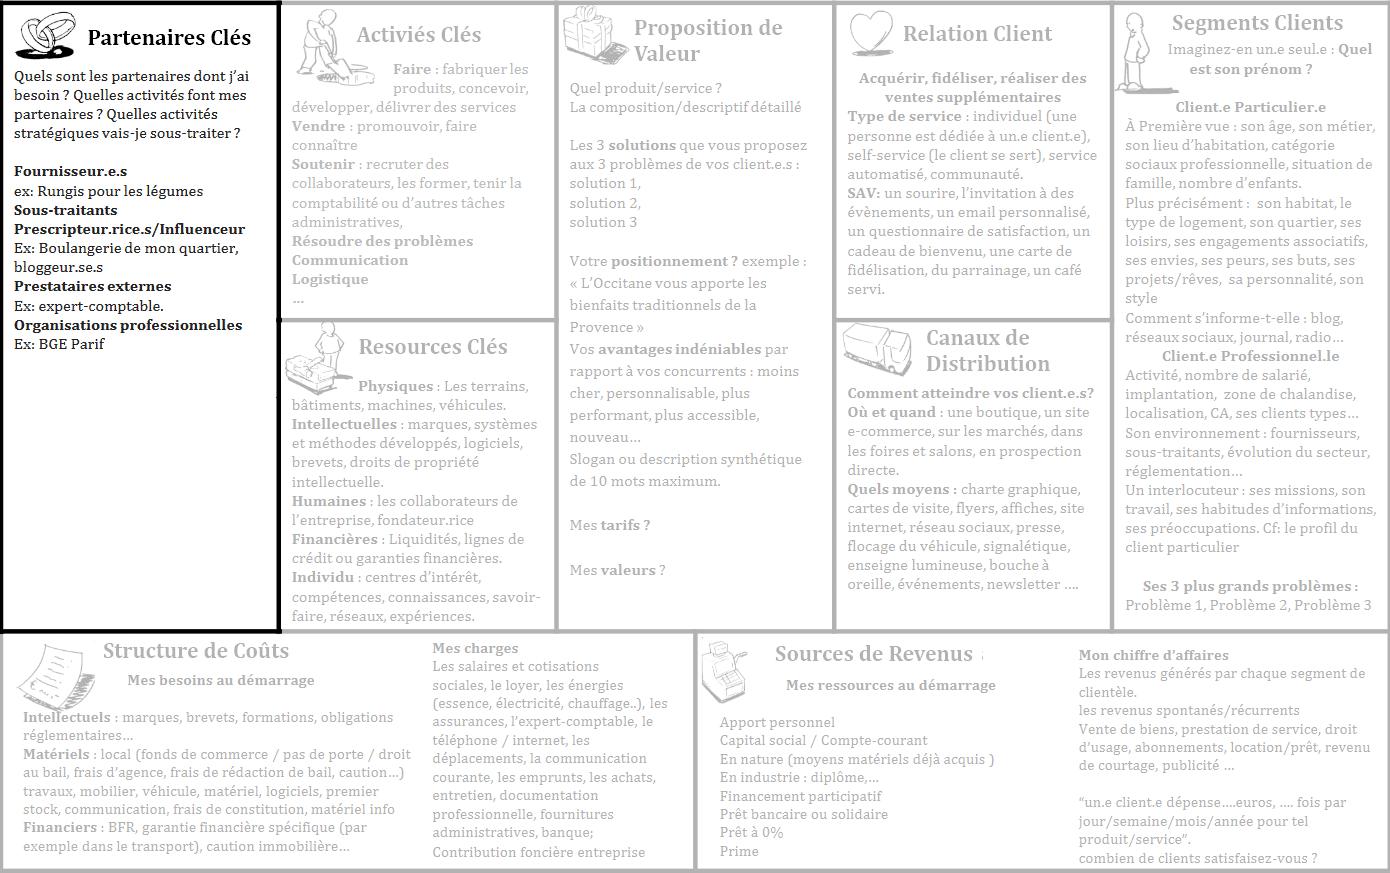 Business-model-canvas-tableau-partenaires-cles